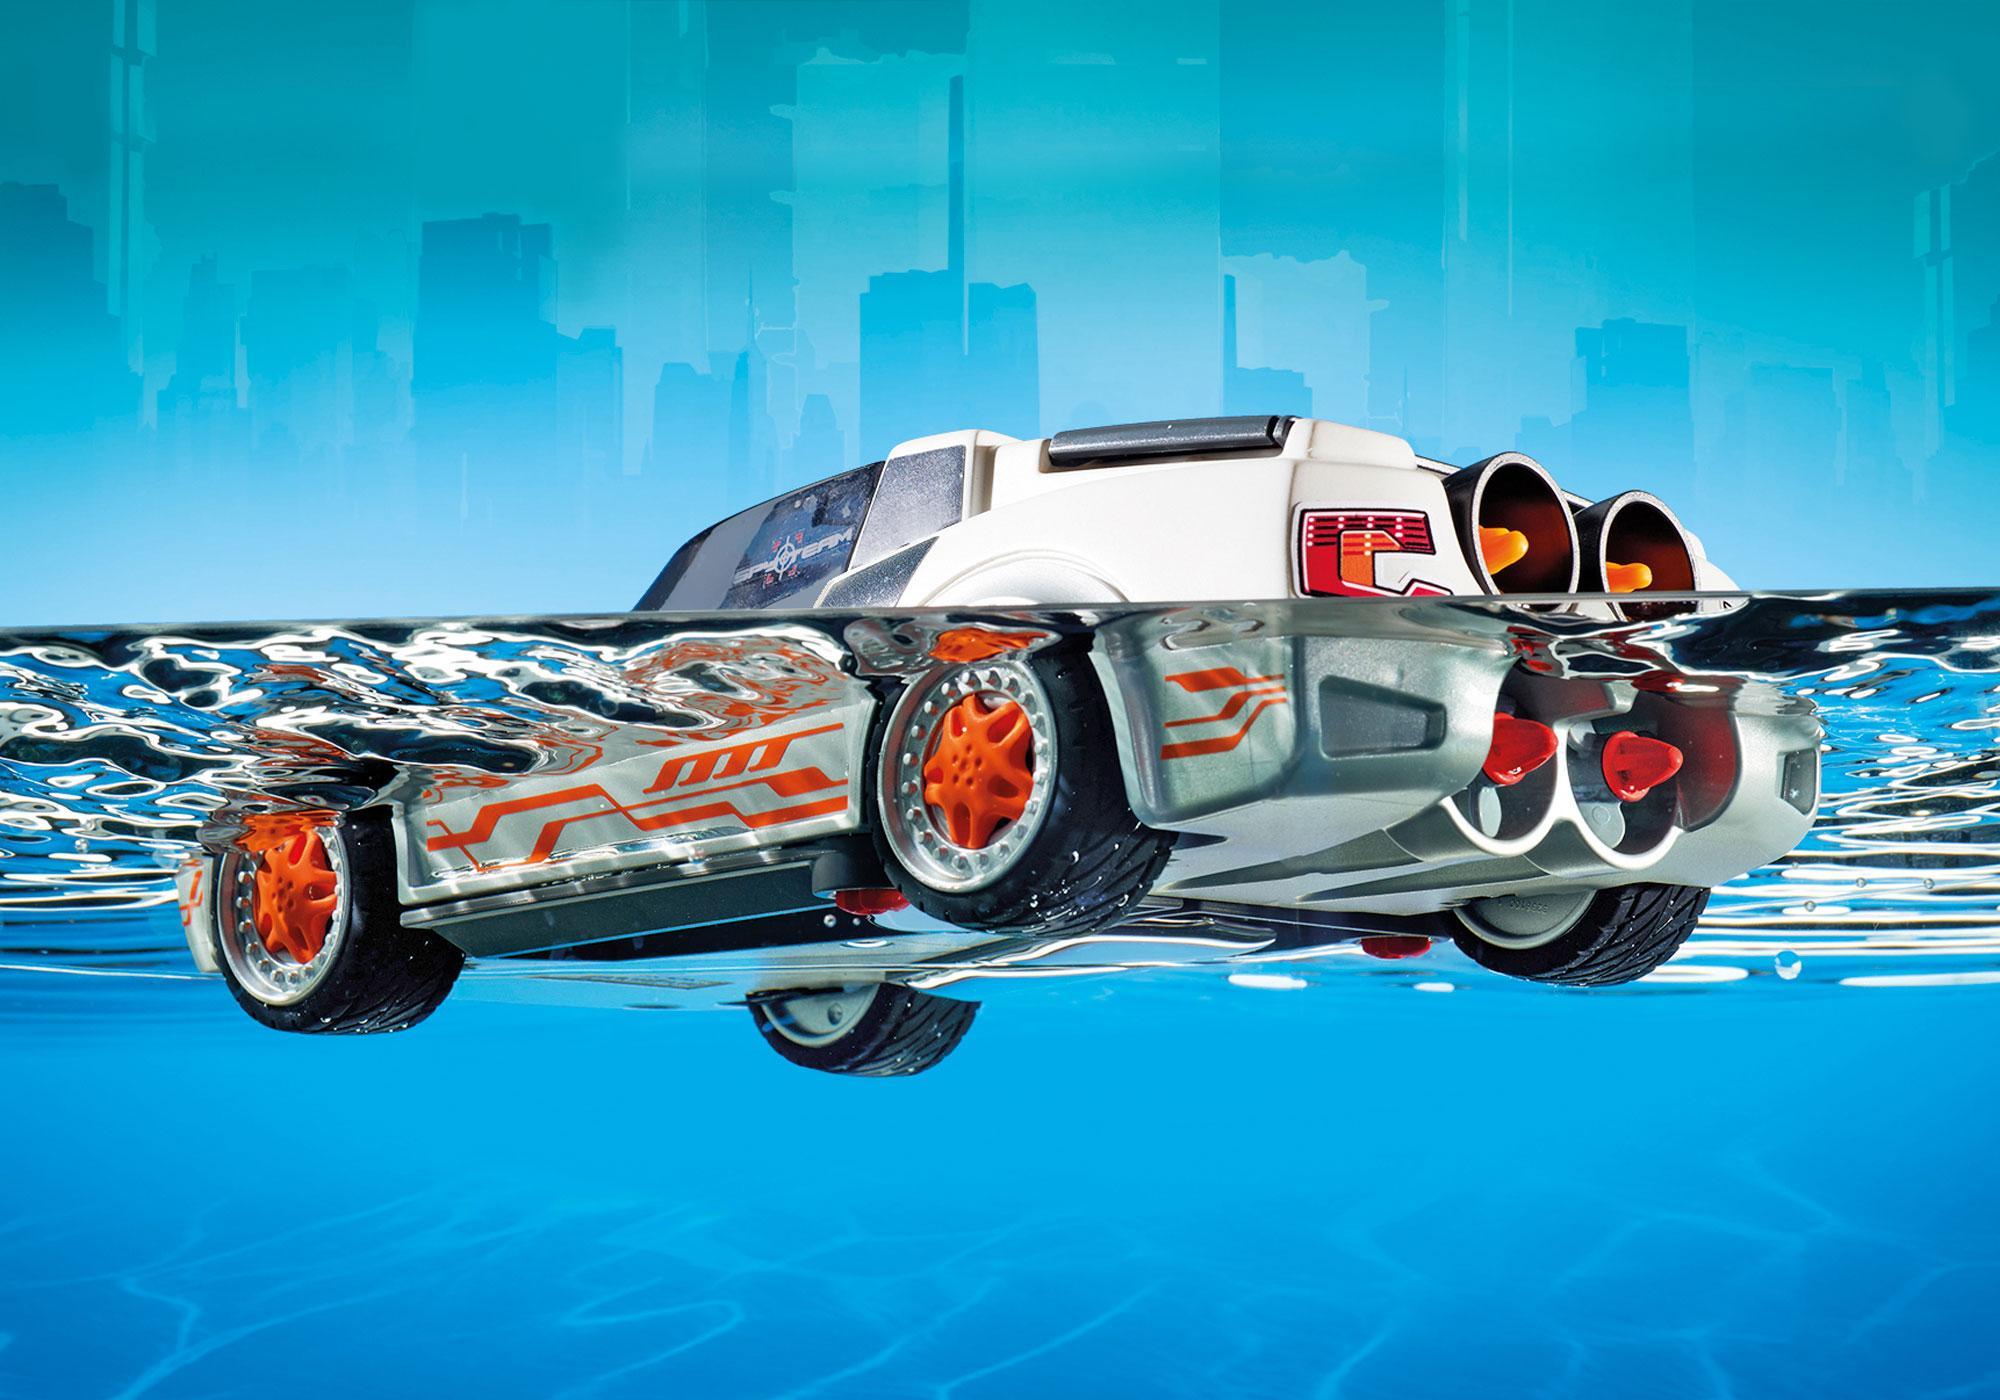 http://media.playmobil.com/i/playmobil/9252_product_extra1/Agente Secreto com Racer